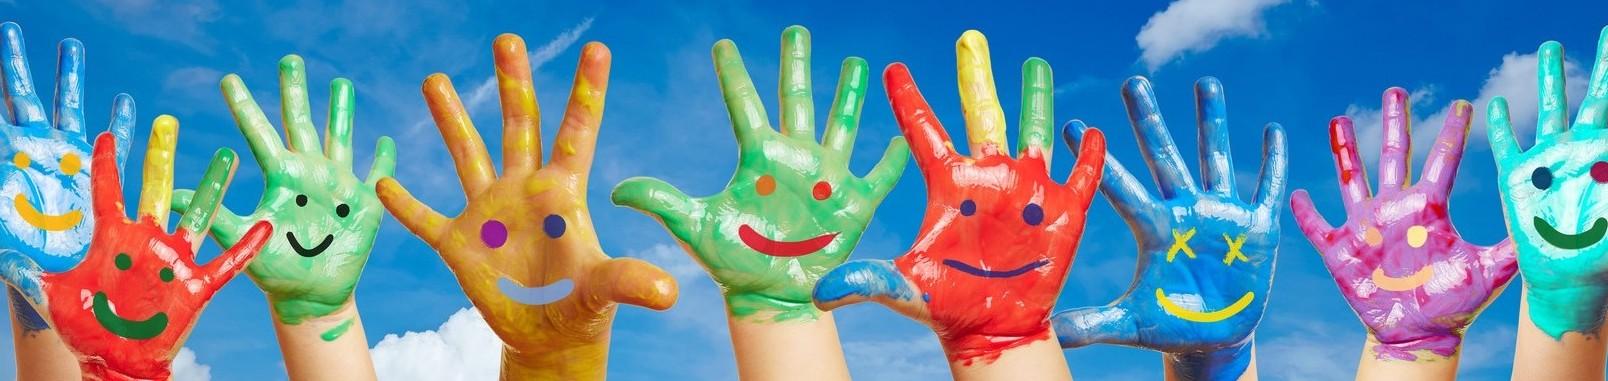 Bunte Kinderhände mit aufgemalten Smileys vor einem Himmel